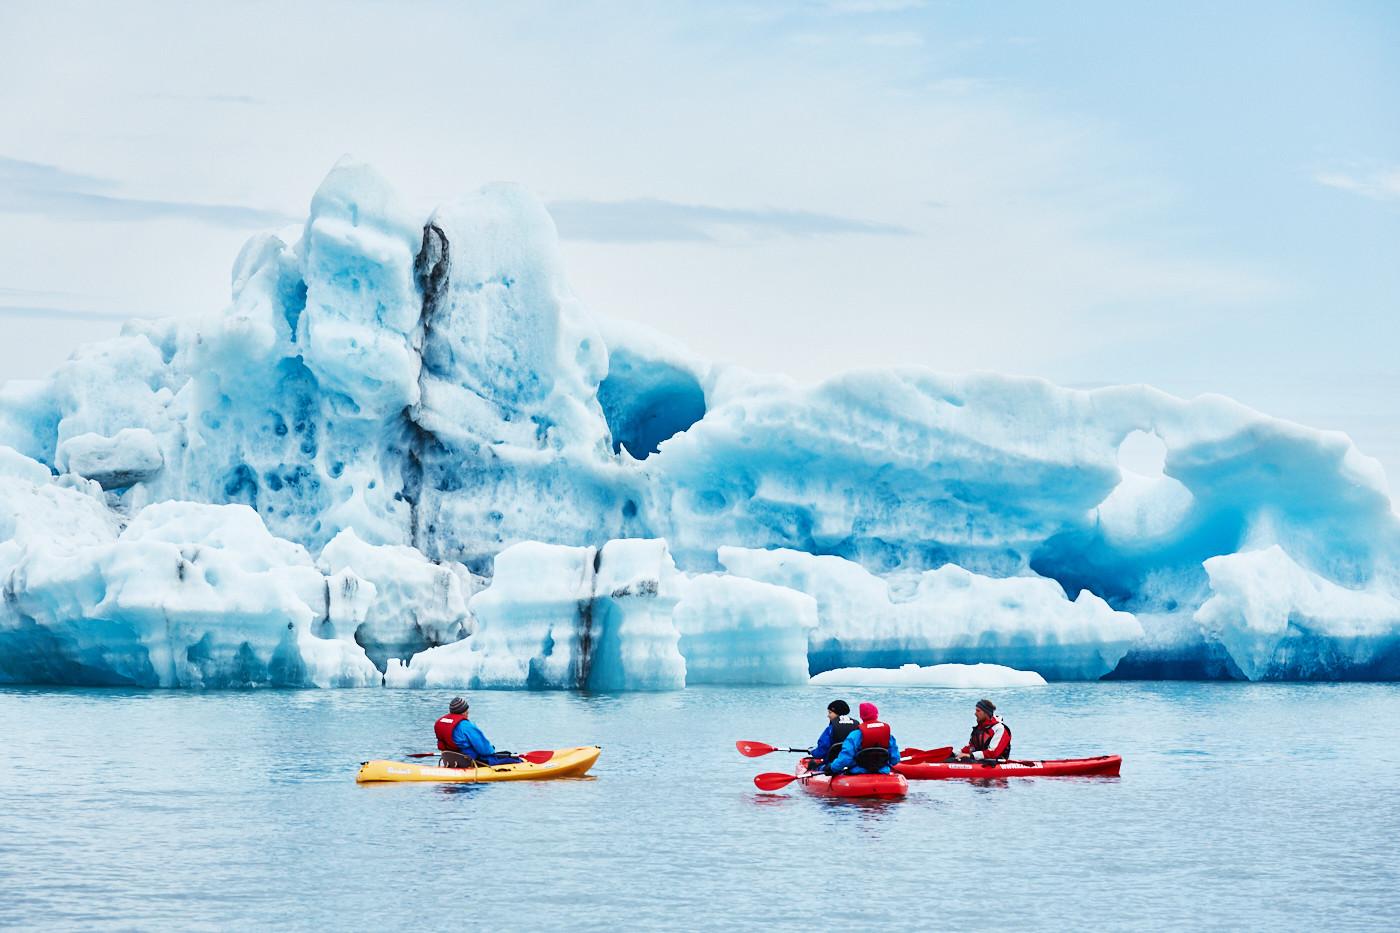 Bootstour auf dem Jökulsárlón Gletschersee, Eissee, Ice lake, Ice lagoon, Boat tour on the glacier lake, Iceland, famous, Island, Miles and Shores, Reiseblog, travelblog, glacier, glacier lake, gletscher, kayaks, kajak, kajakfahren